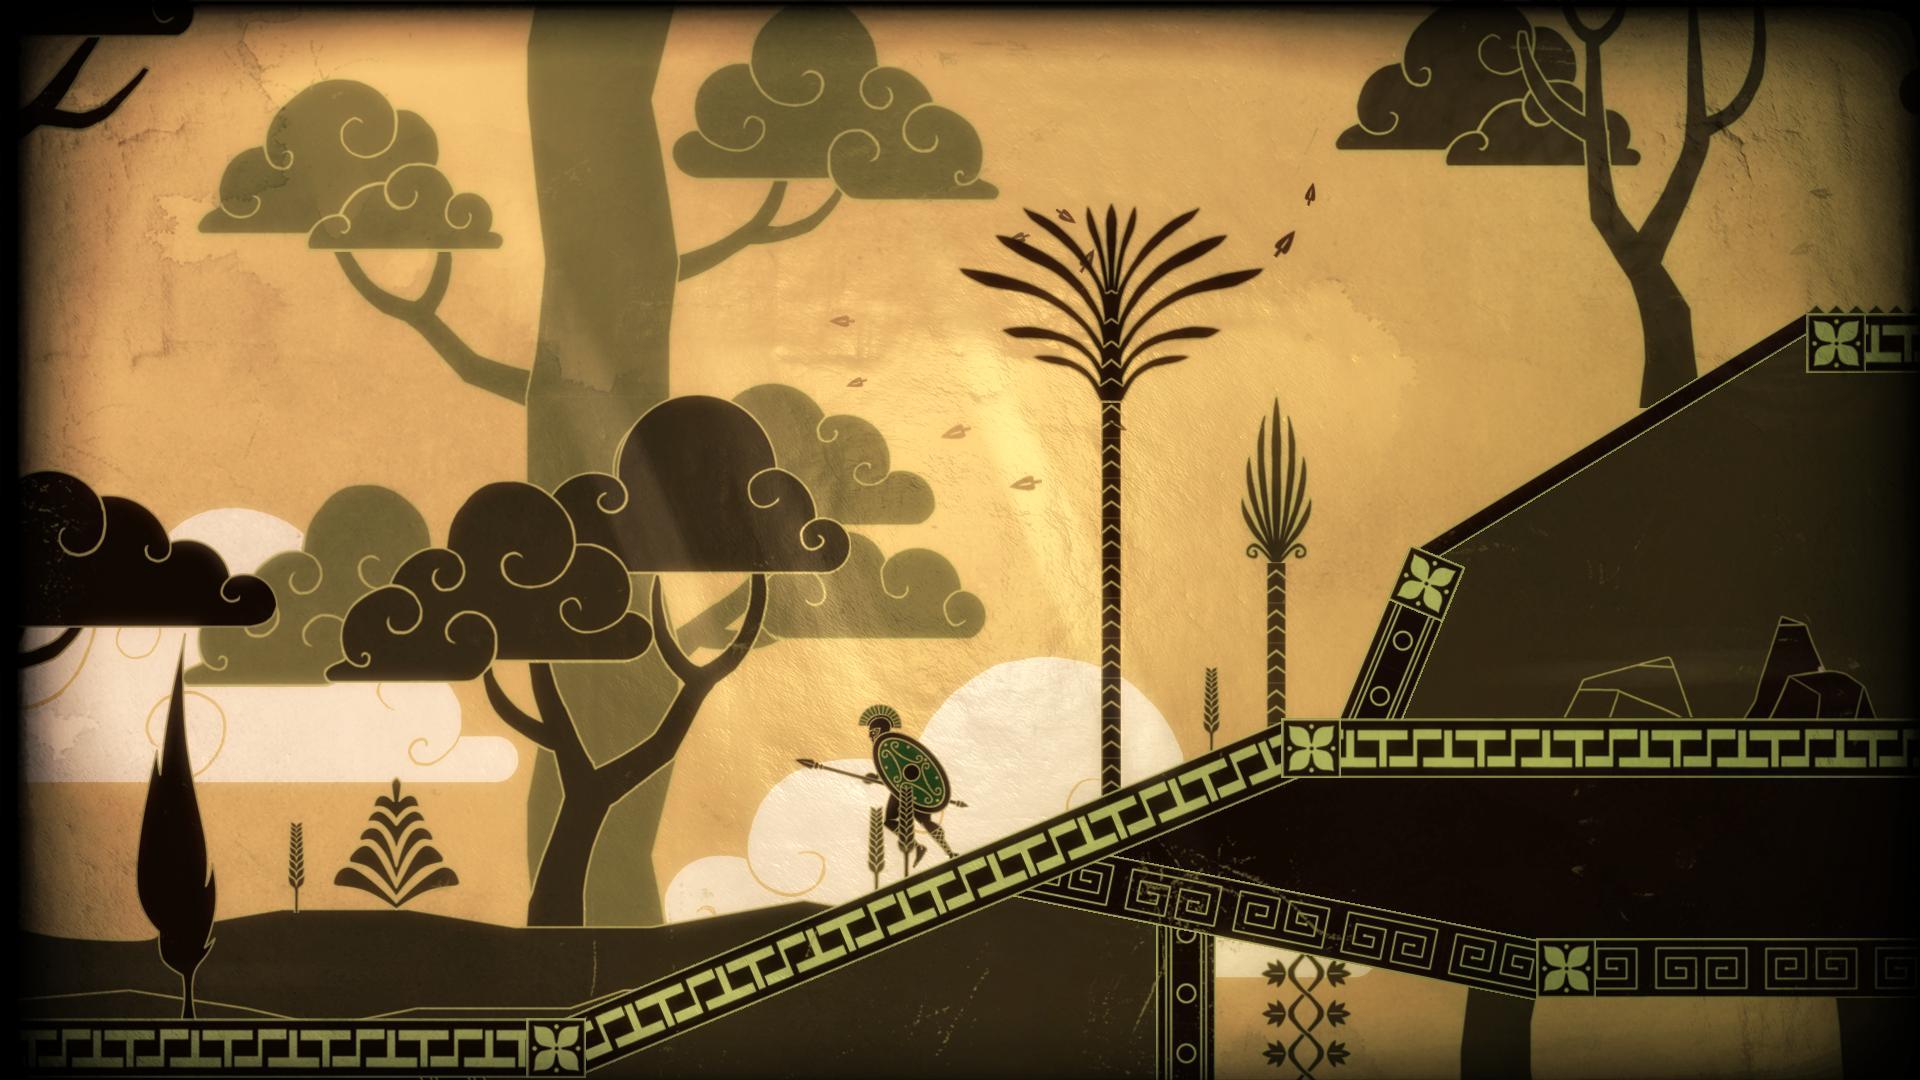 Apotheon 2012-10-17 16-20-51-63